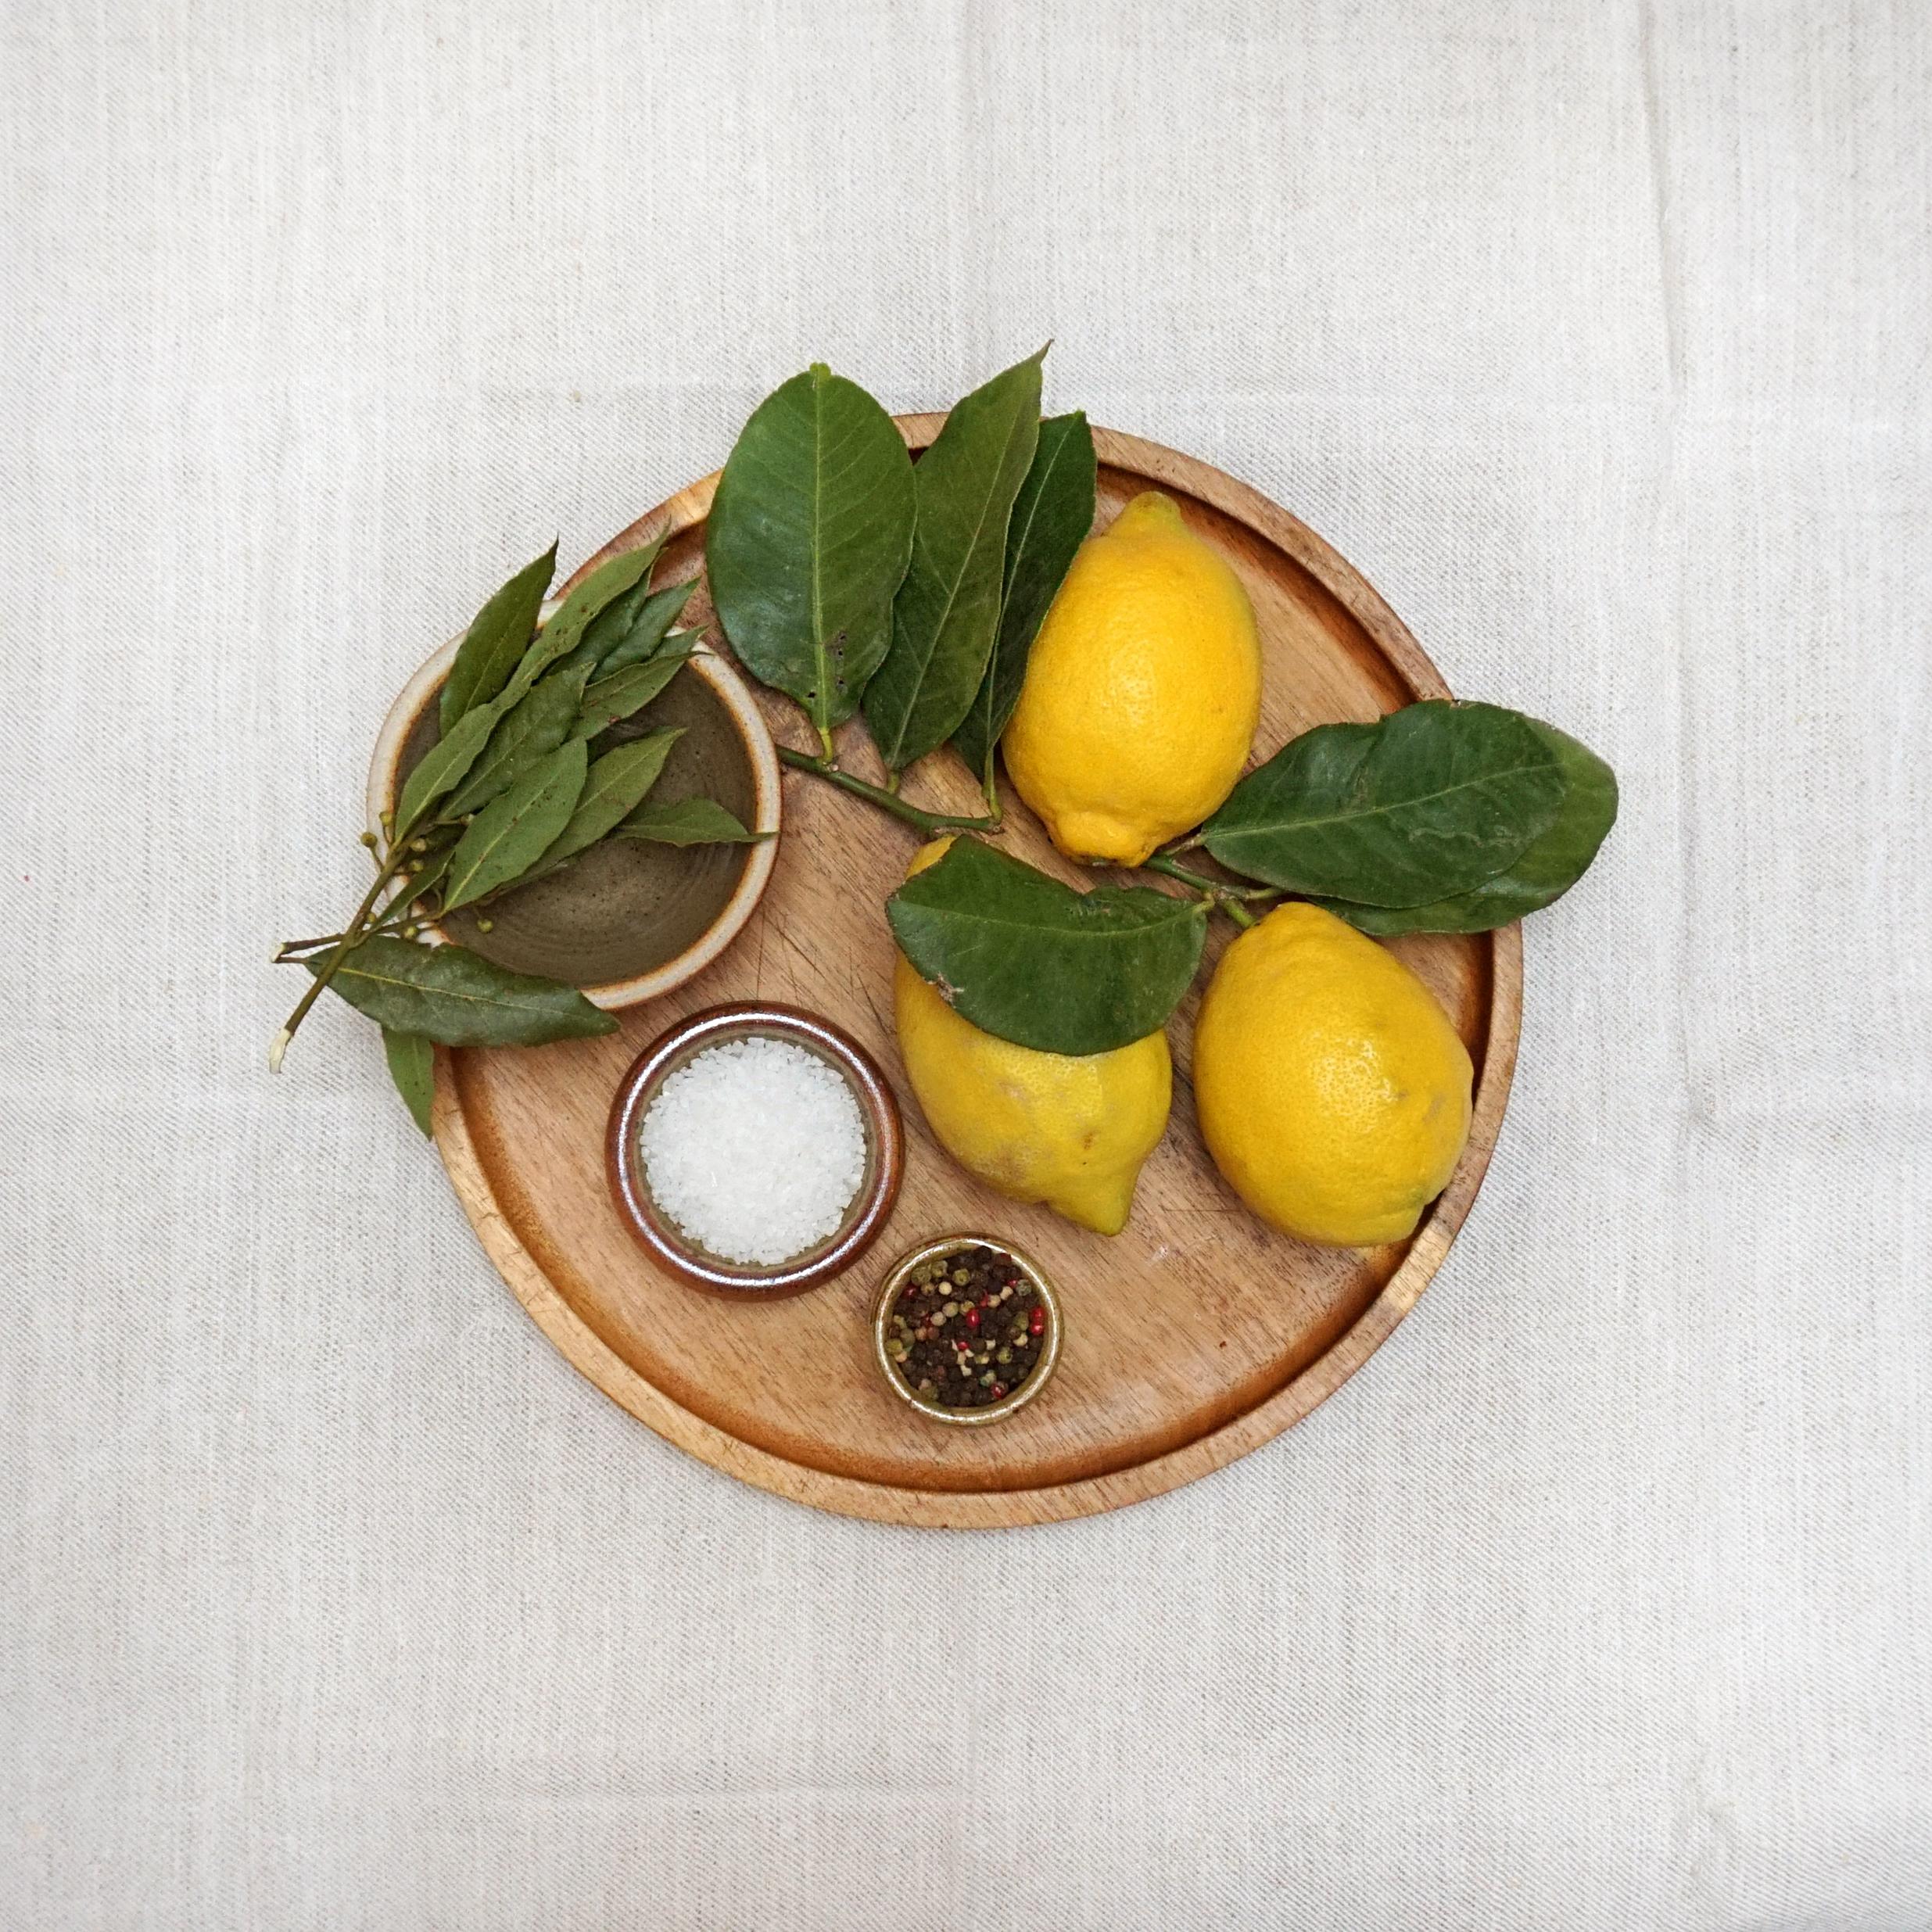 confit lemons ingredients.jpg